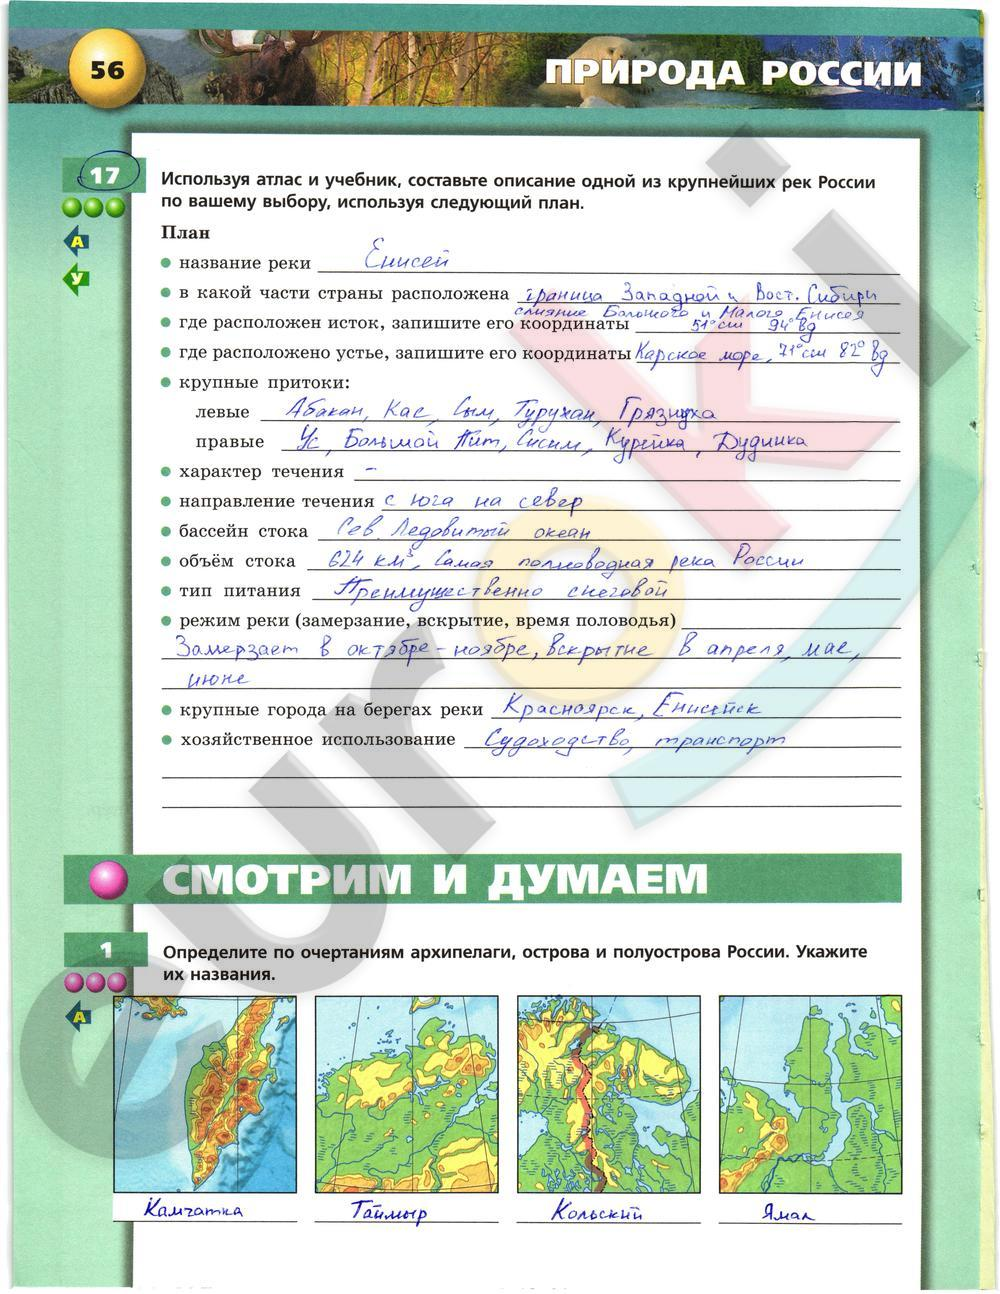 Решебник география тетрадь-тренажёр 8 класс ольховая н.в., банников с.в